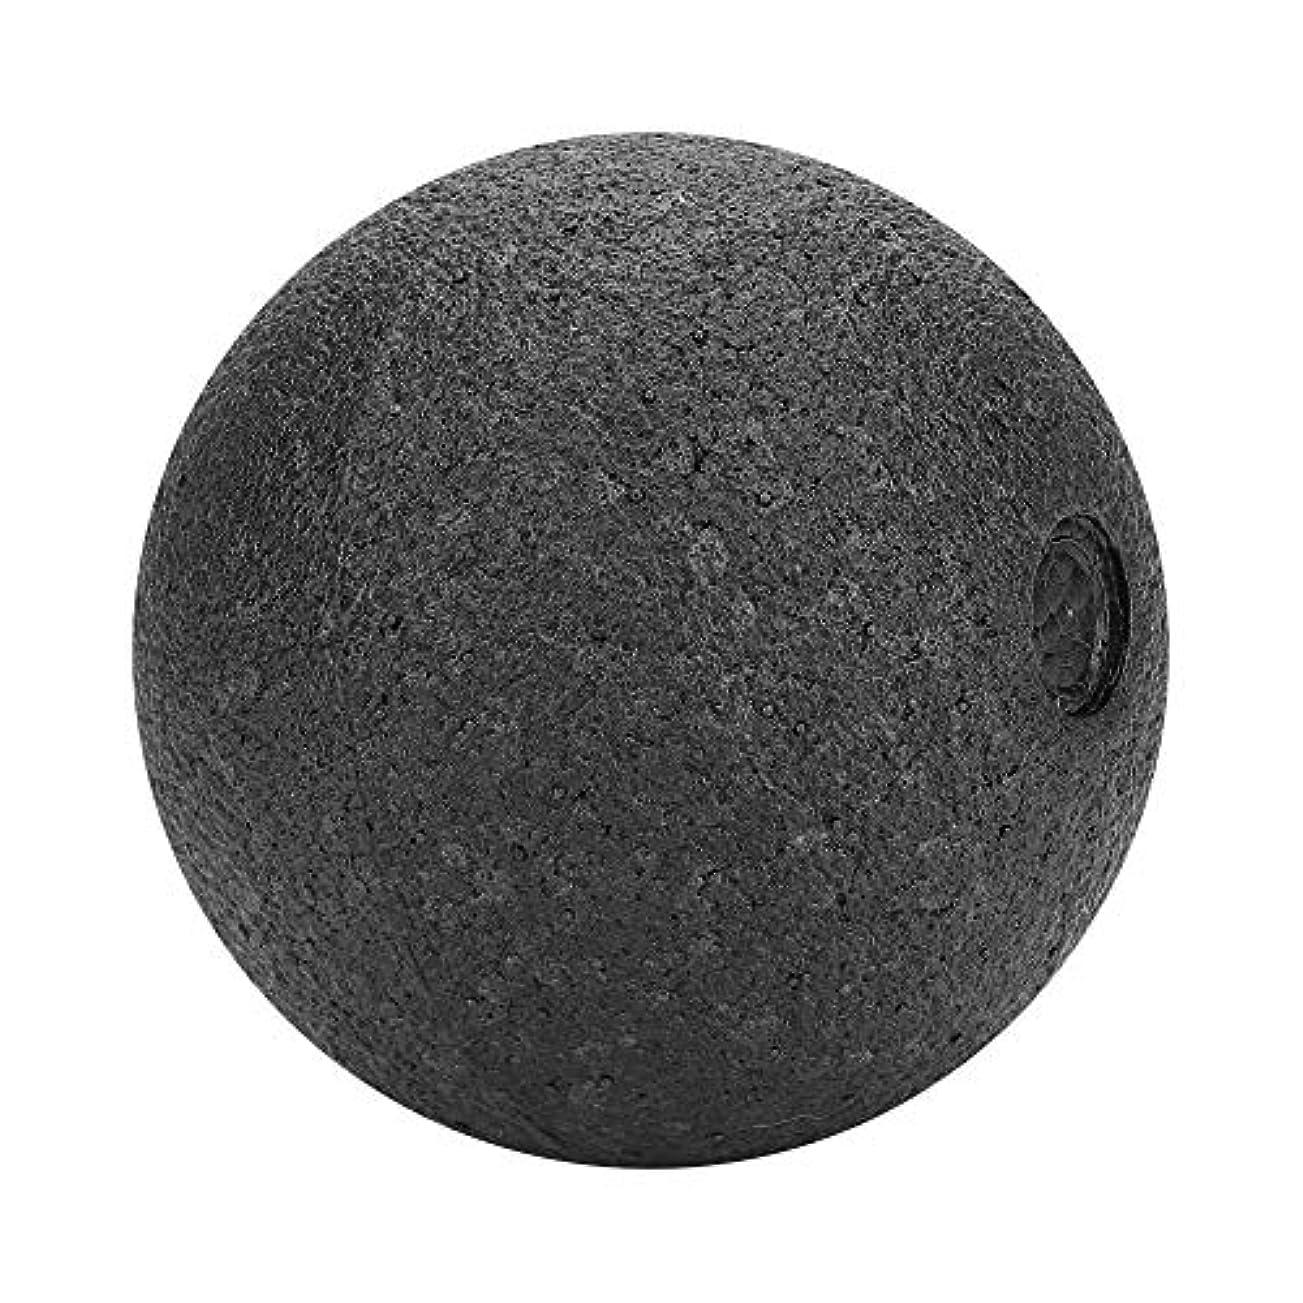 摂動ヤング彫刻家マッサージボール ストレッチボール トリガーポイント マッサージボール 指圧ボールマッスルマッサージボール、首 腰 背中 肩こり 足裏 ツボ押しグッズ 疲労回復 むくみ解消